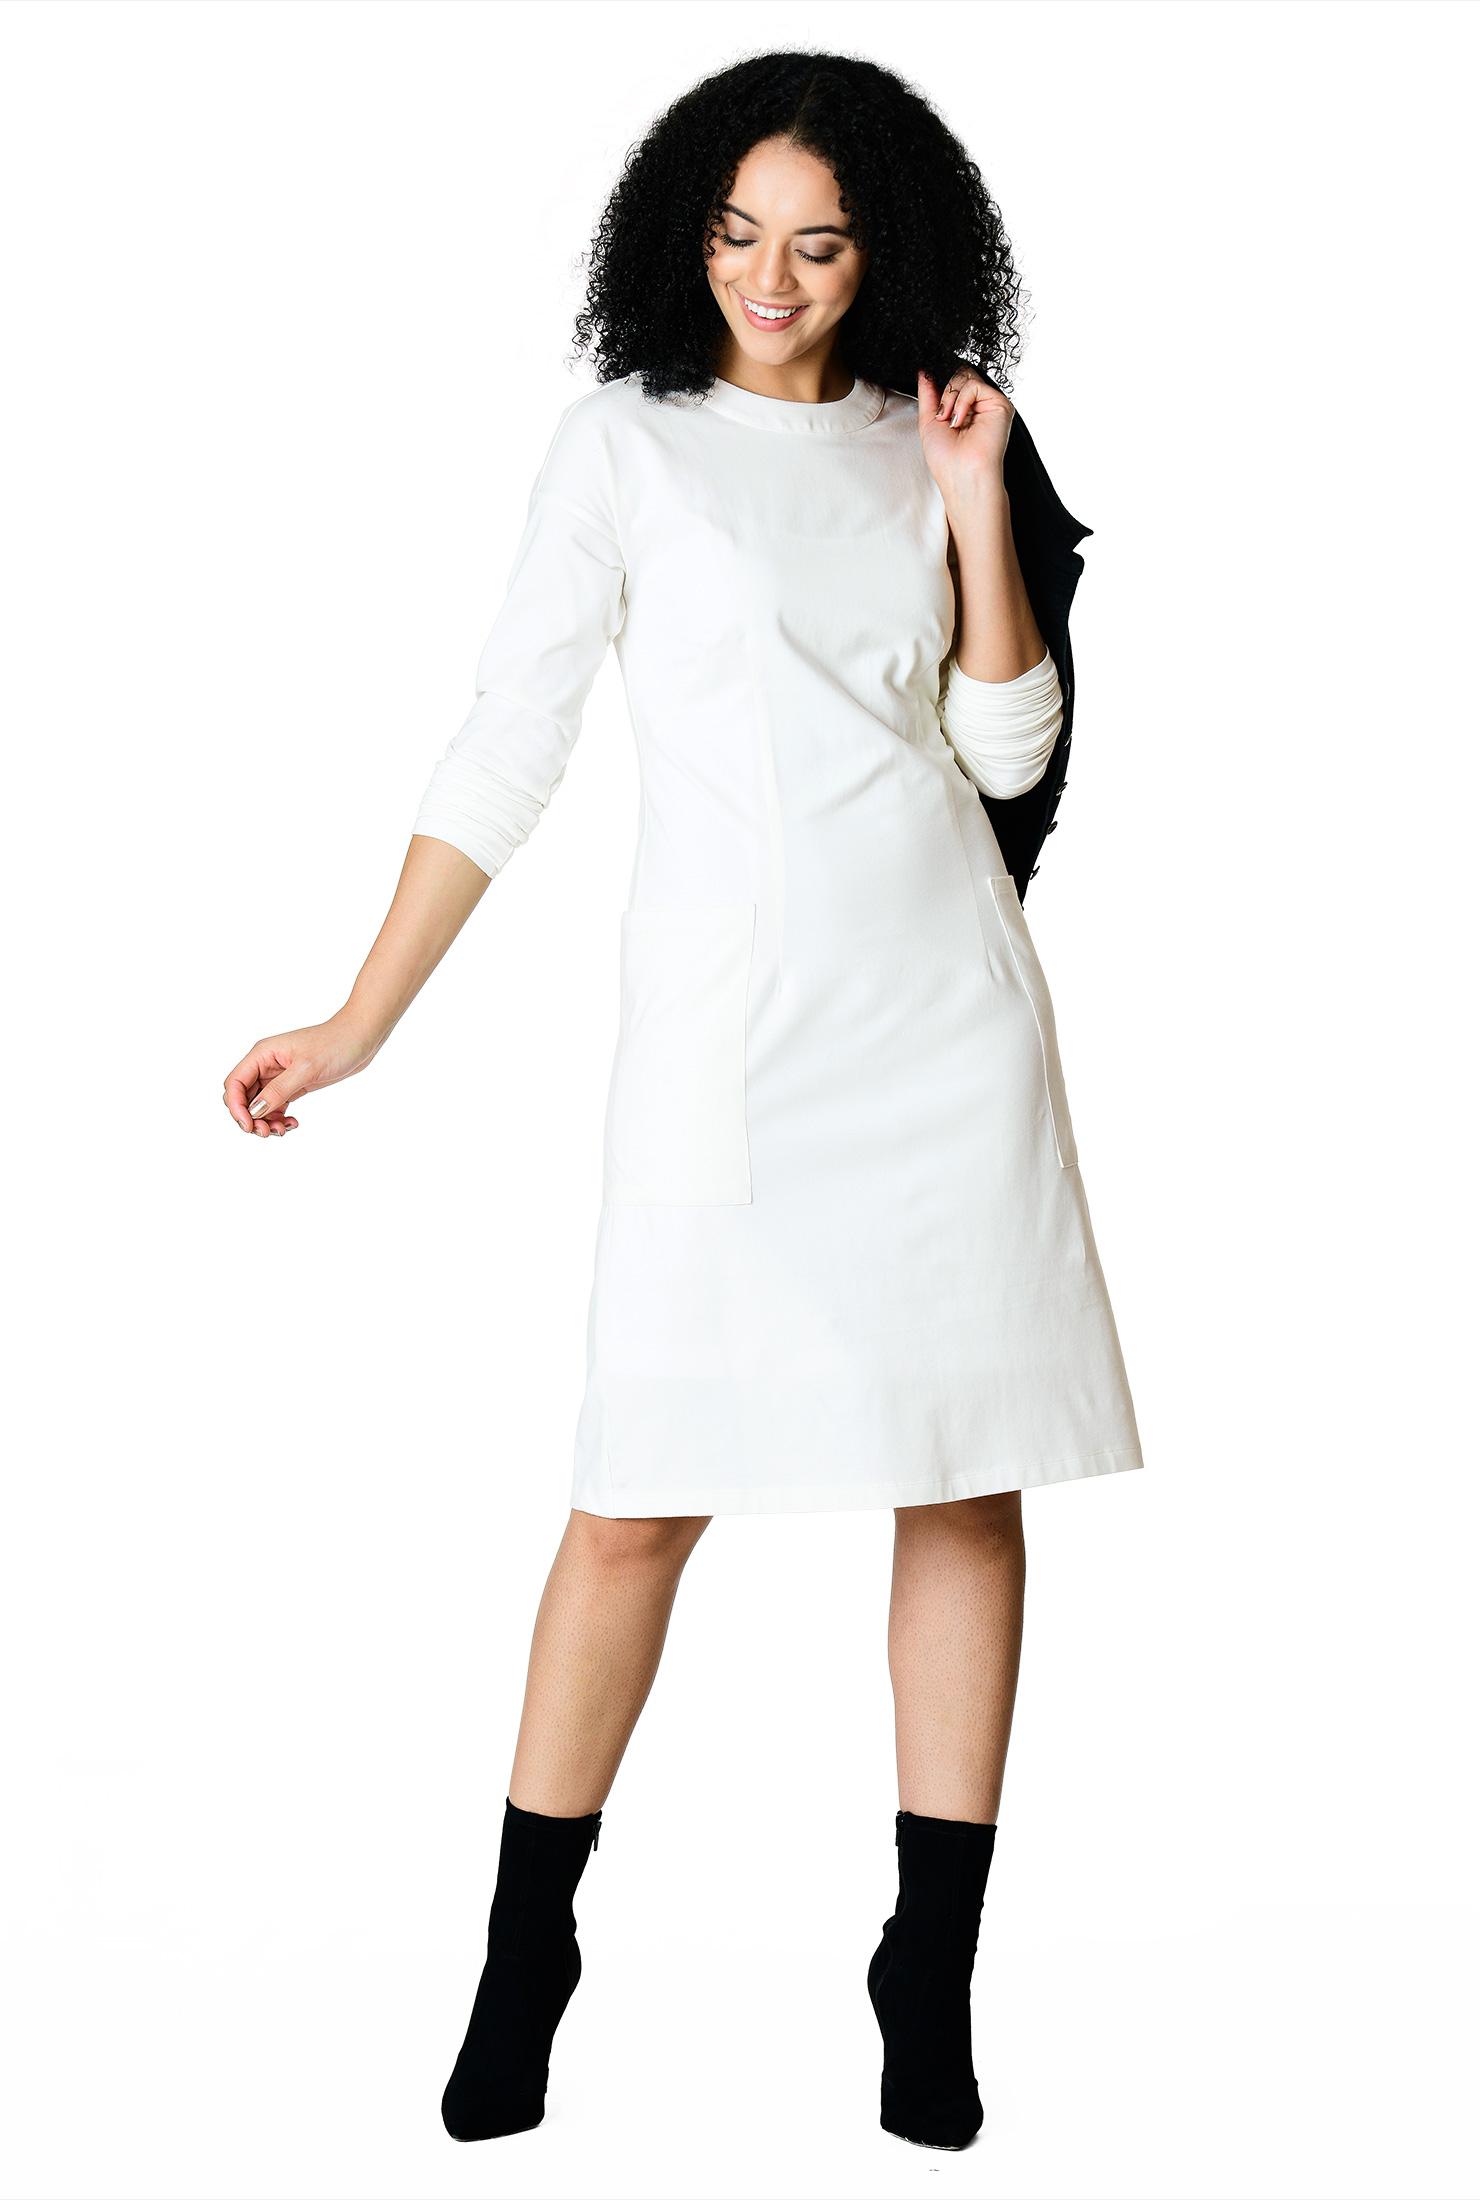 2bbec84e9 below knee length dresses, cloud white dresses, cotton/spandex Dresses,  dolman